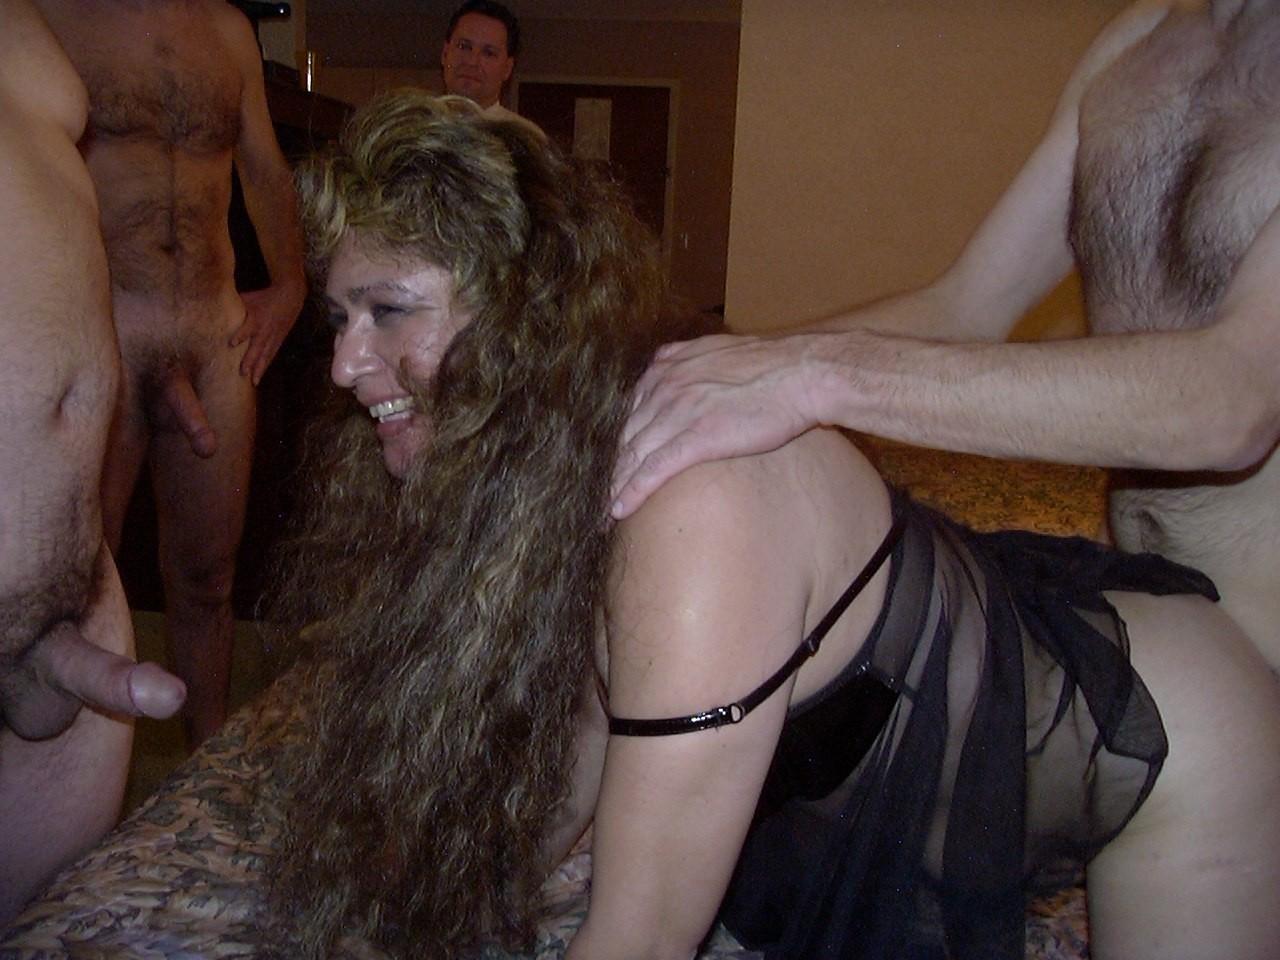 gruppovoy-seks-s-zamuzhnimi-zhenshinami-video